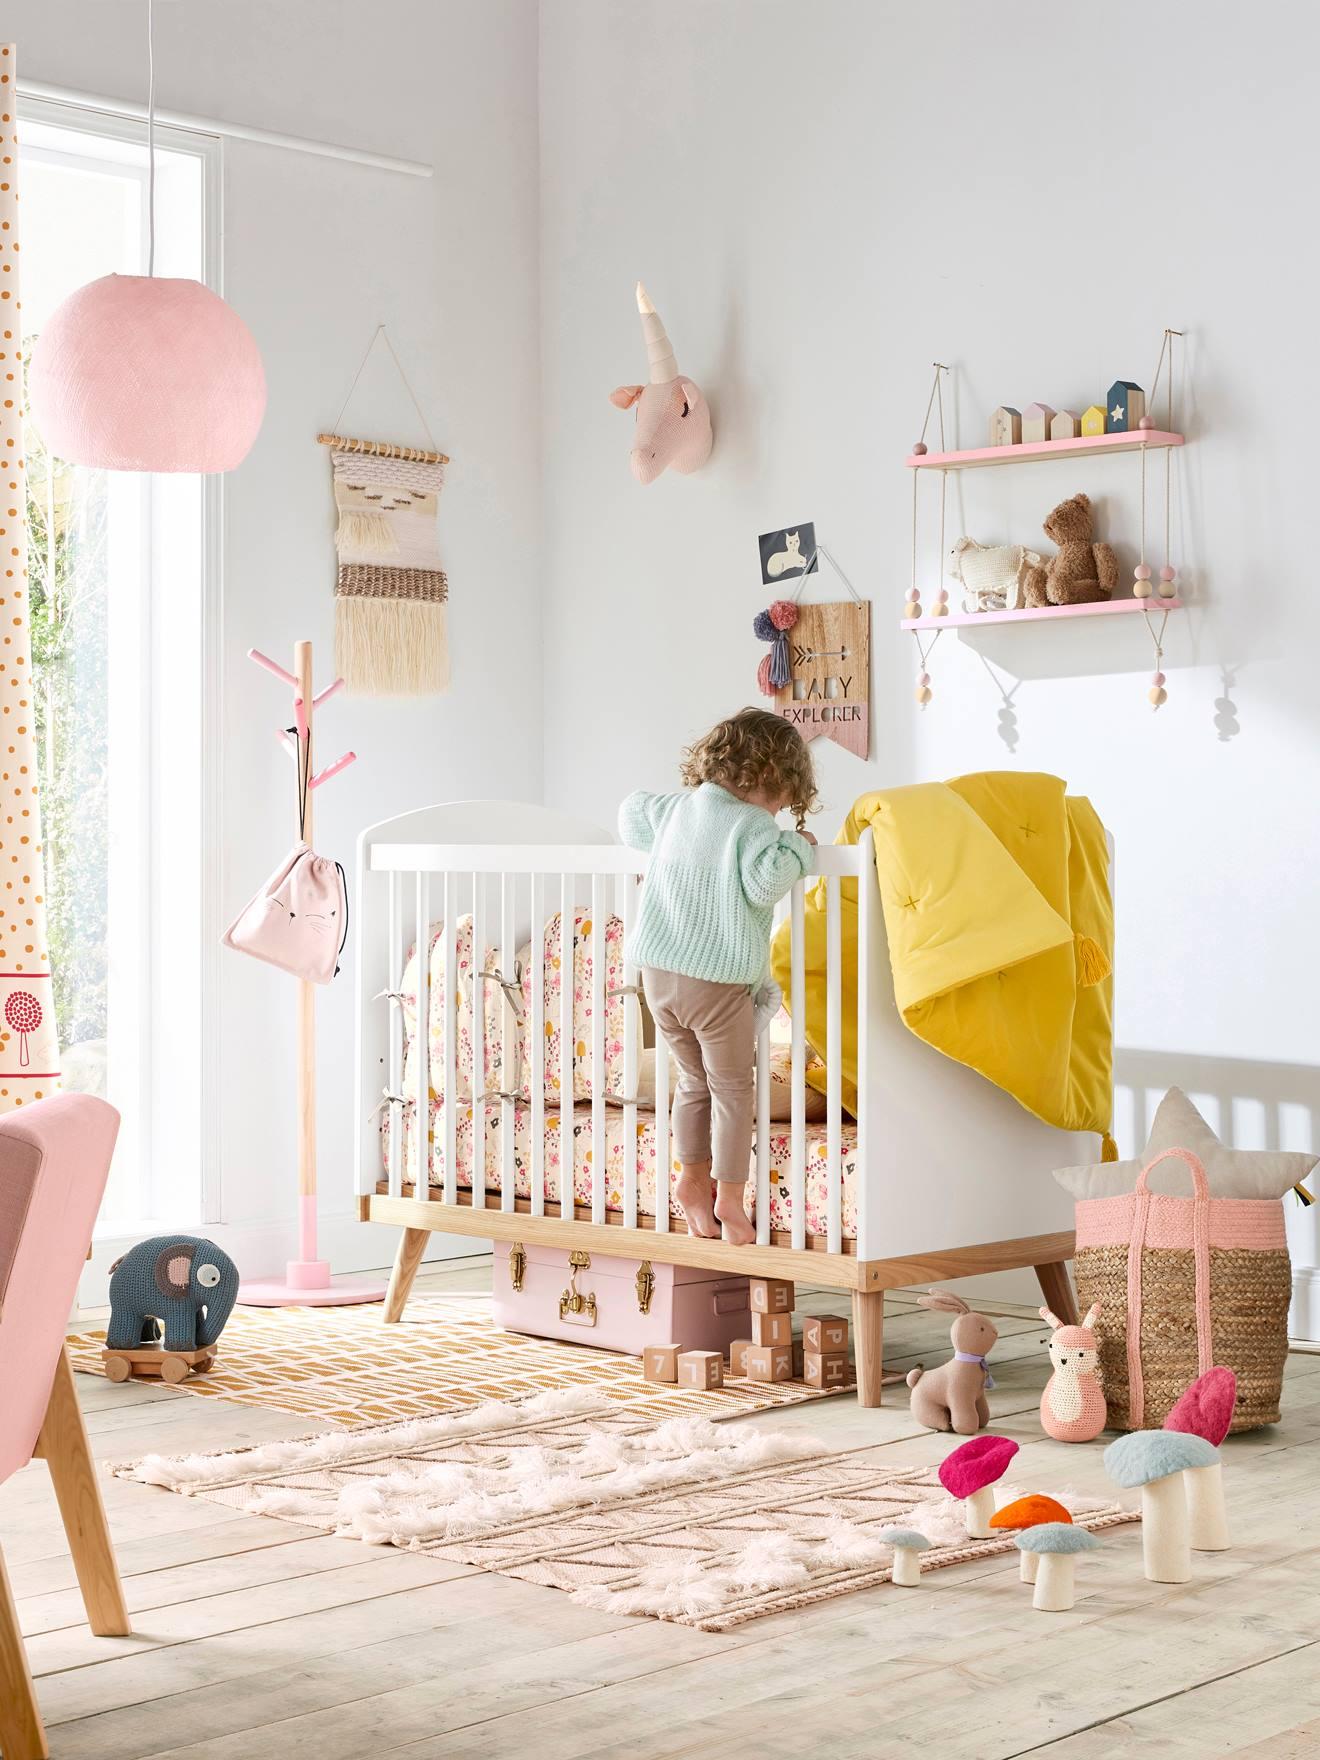 Kinderzimmer Deko-Wimpel, Holz, Deko & Aufbewahren